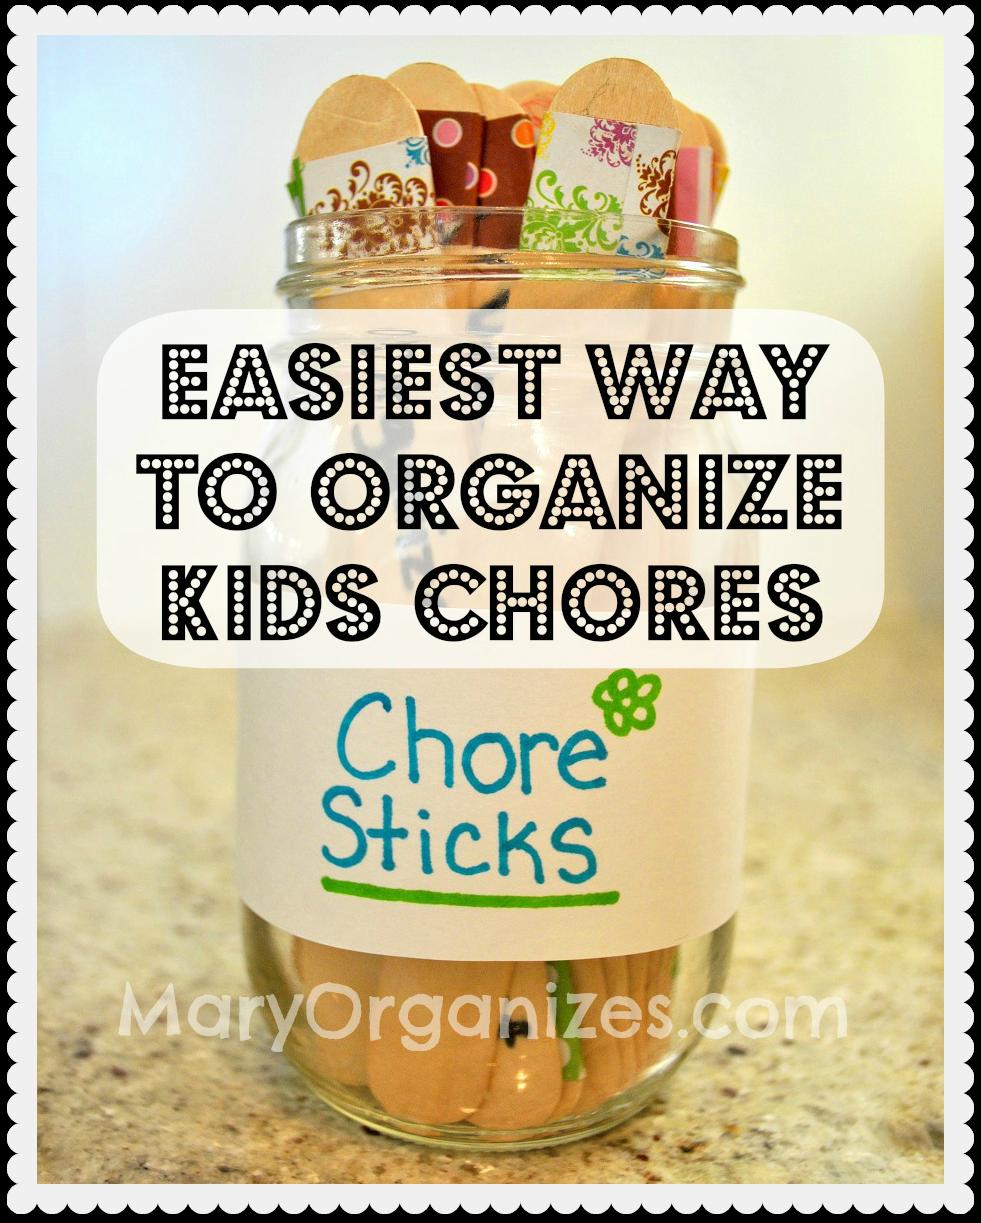 Chore Sticks A Child Friendly Approach To Chores Creatingmaryshome Com